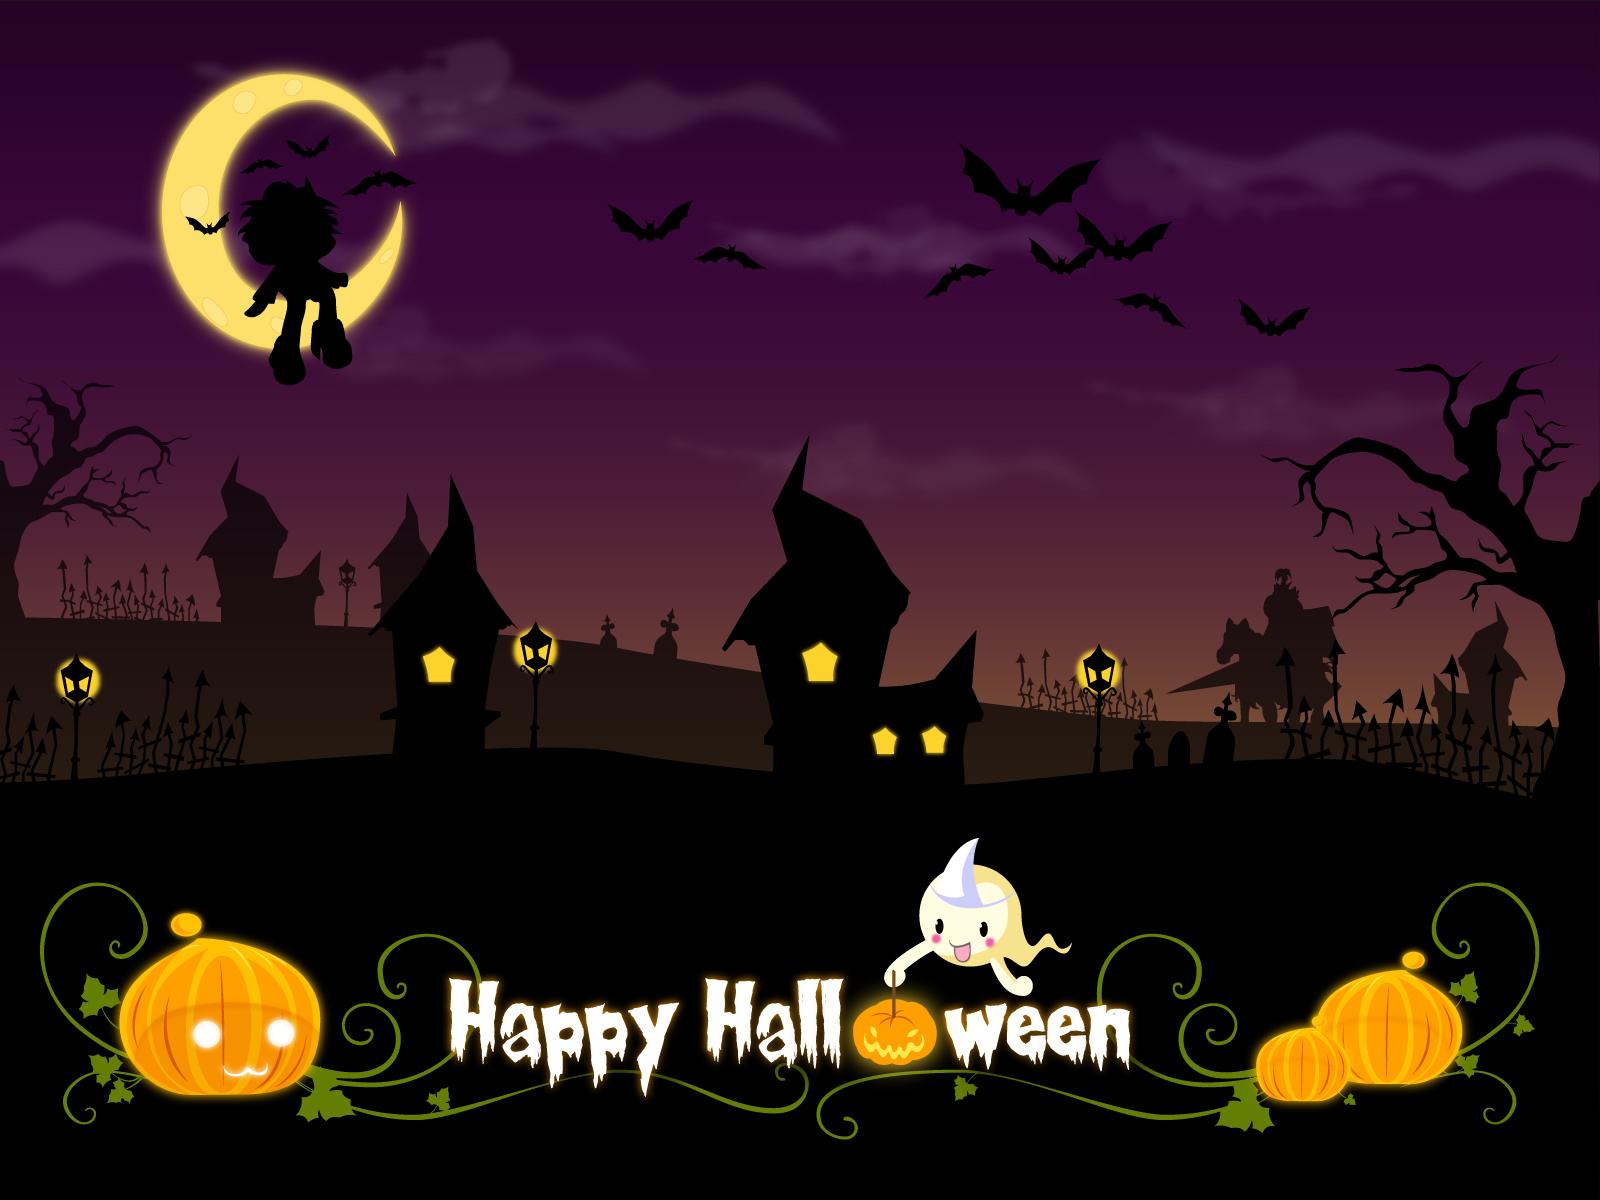 http://4.bp.blogspot.com/-CYKgFK_IR0o/UFB1jMjZAJI/AAAAAAAAAXU/UQ7NbhpvoLc/s1600/oogily-boogily-halloween-cartoon.jpg